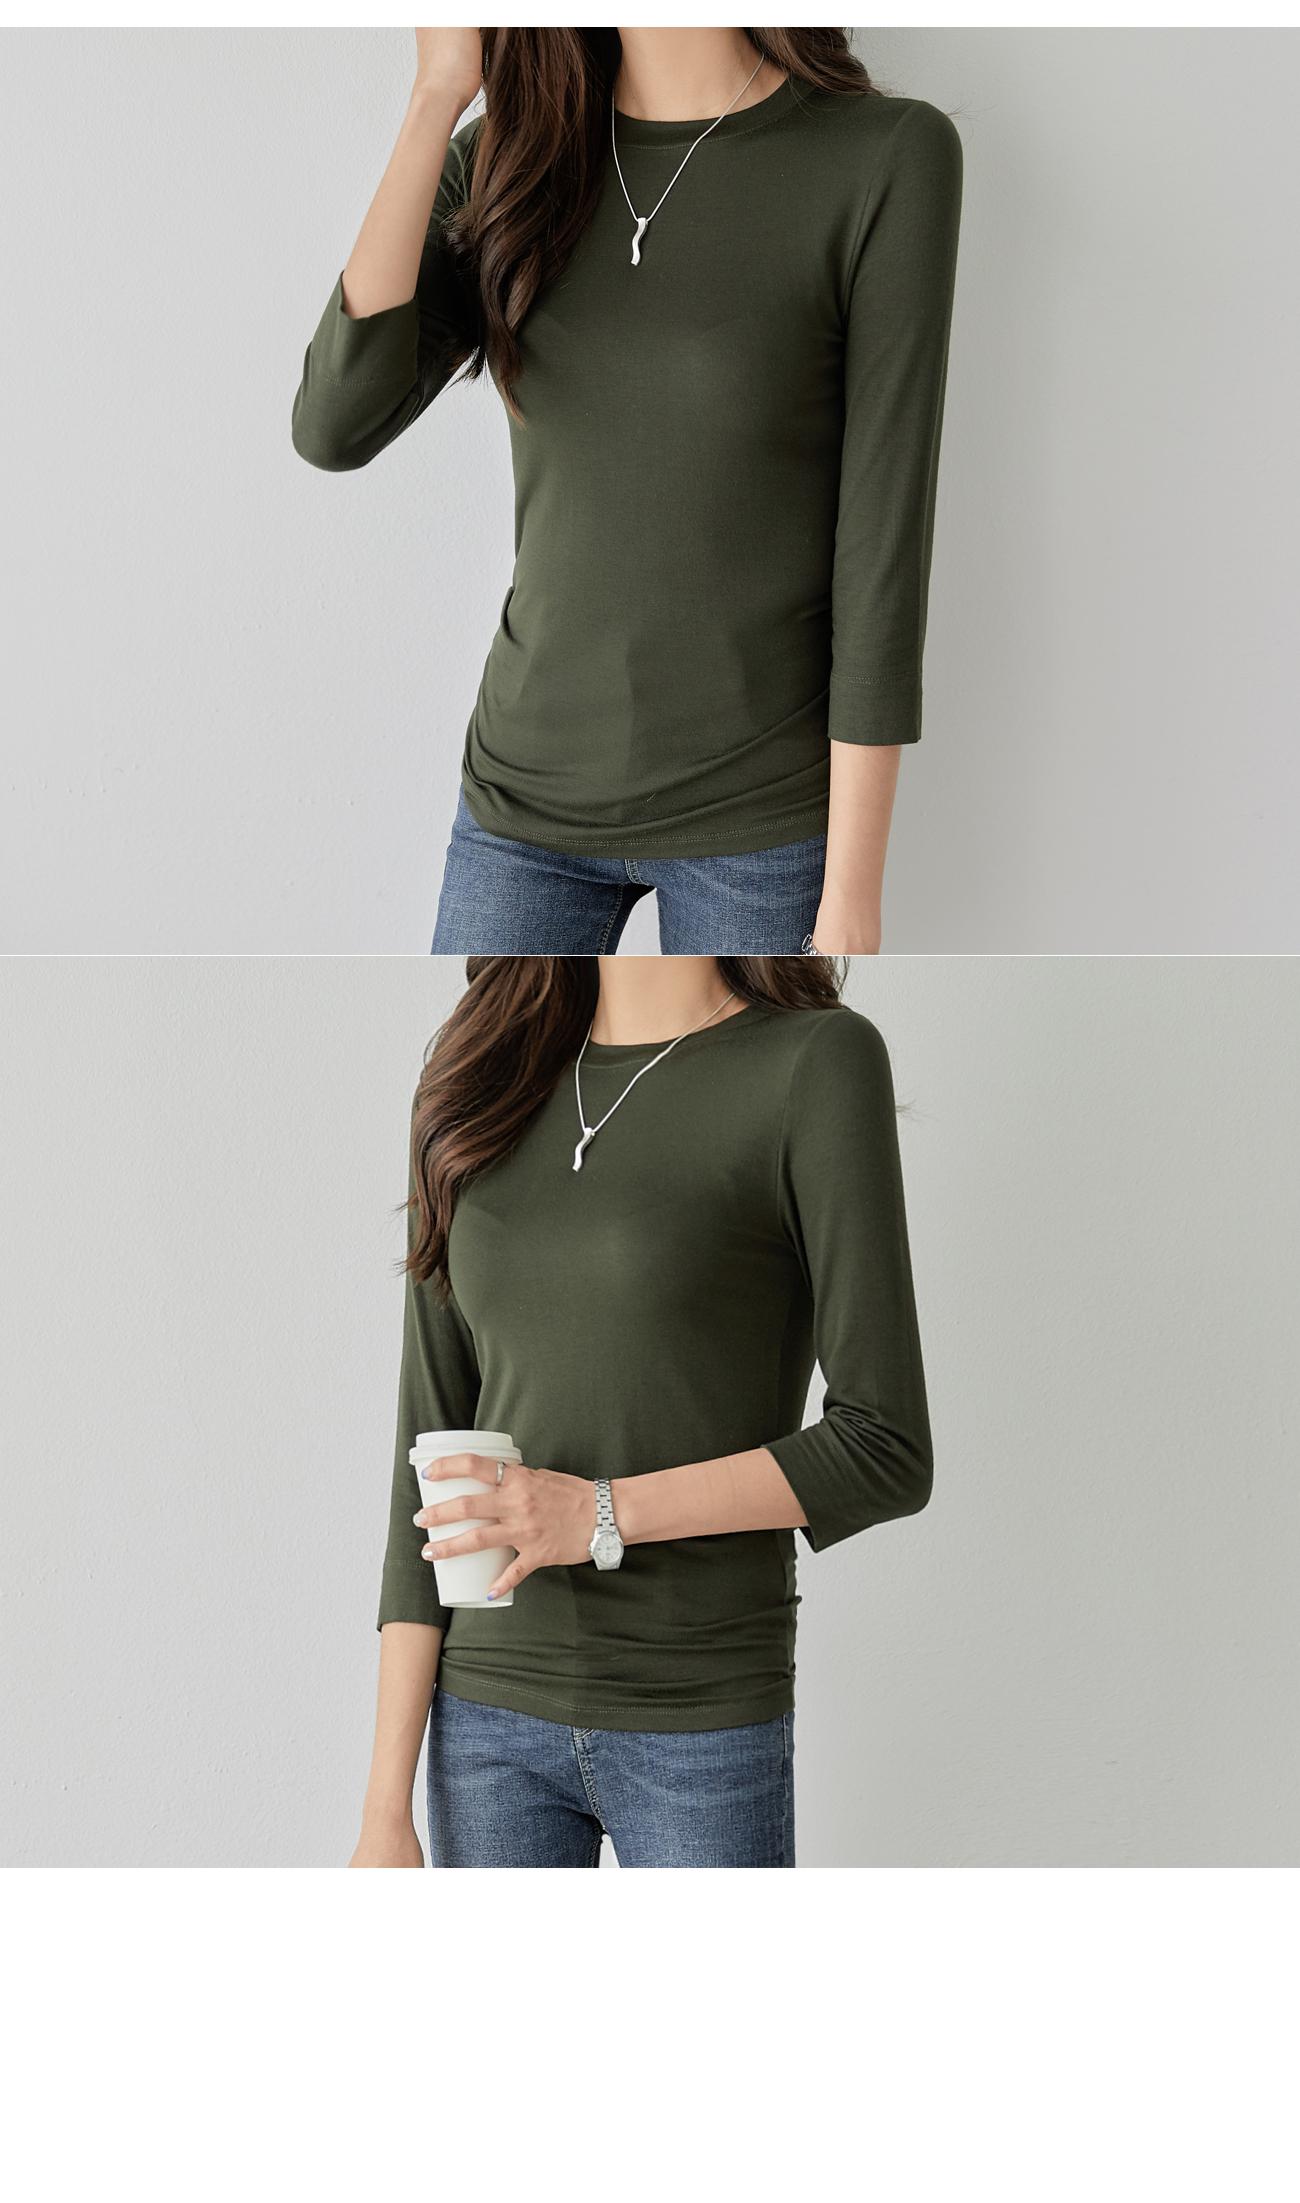 Span 7 Basic T-shirt #107350